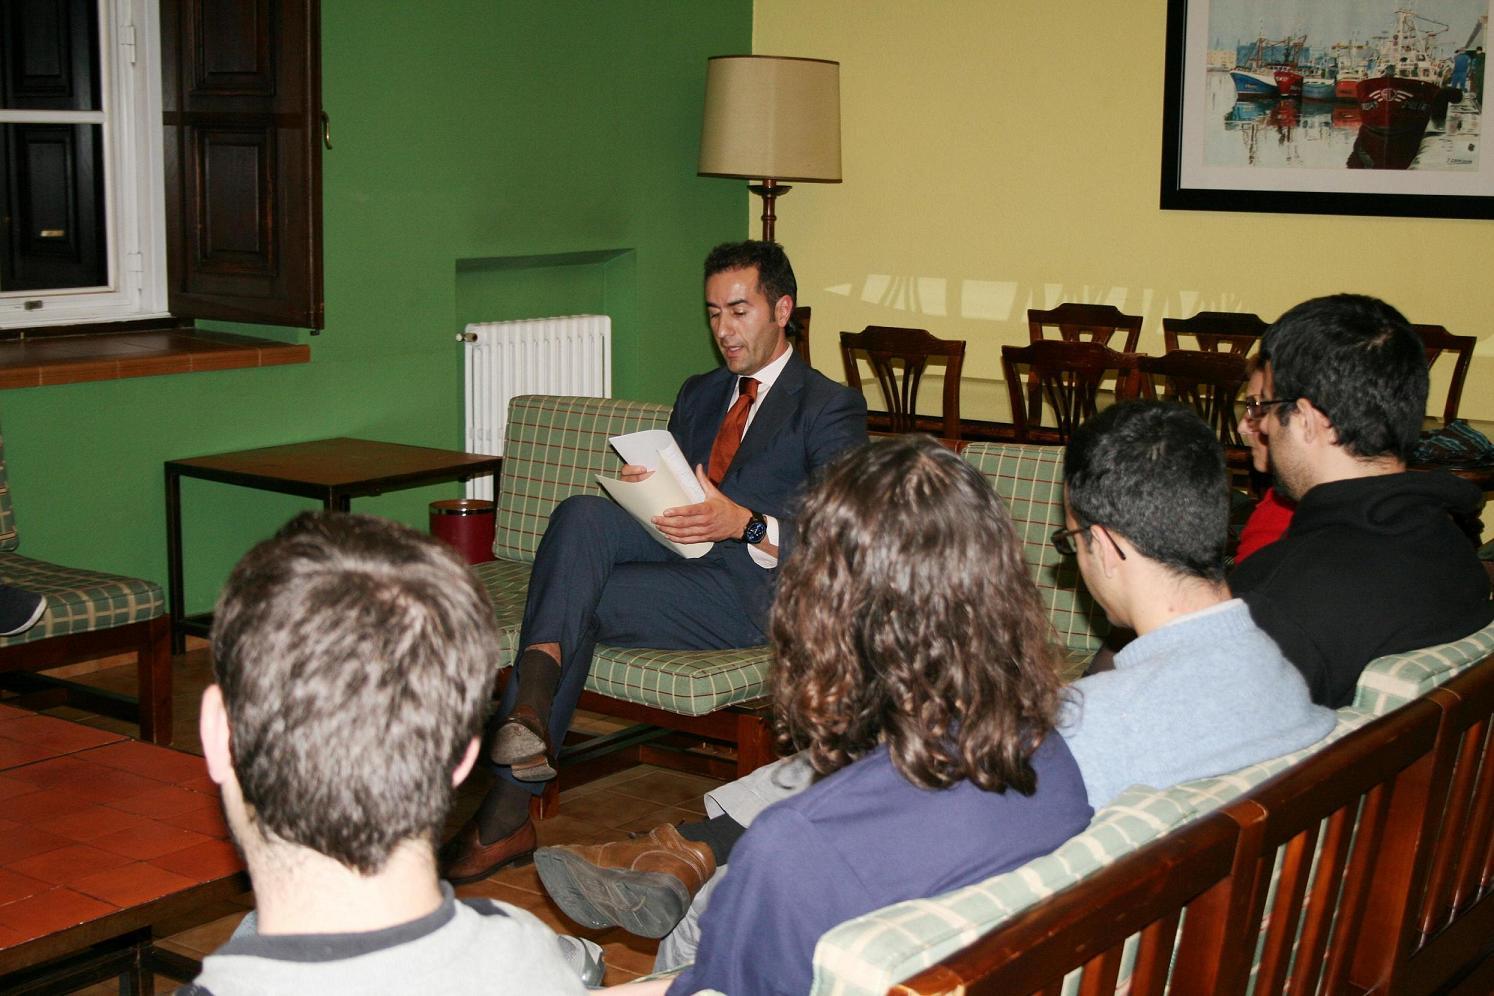 Carlos Varela, Fiscal Superior de Galicia participó en una tertulia con estudiantes universitarios en el Colegio Mayor La Estila